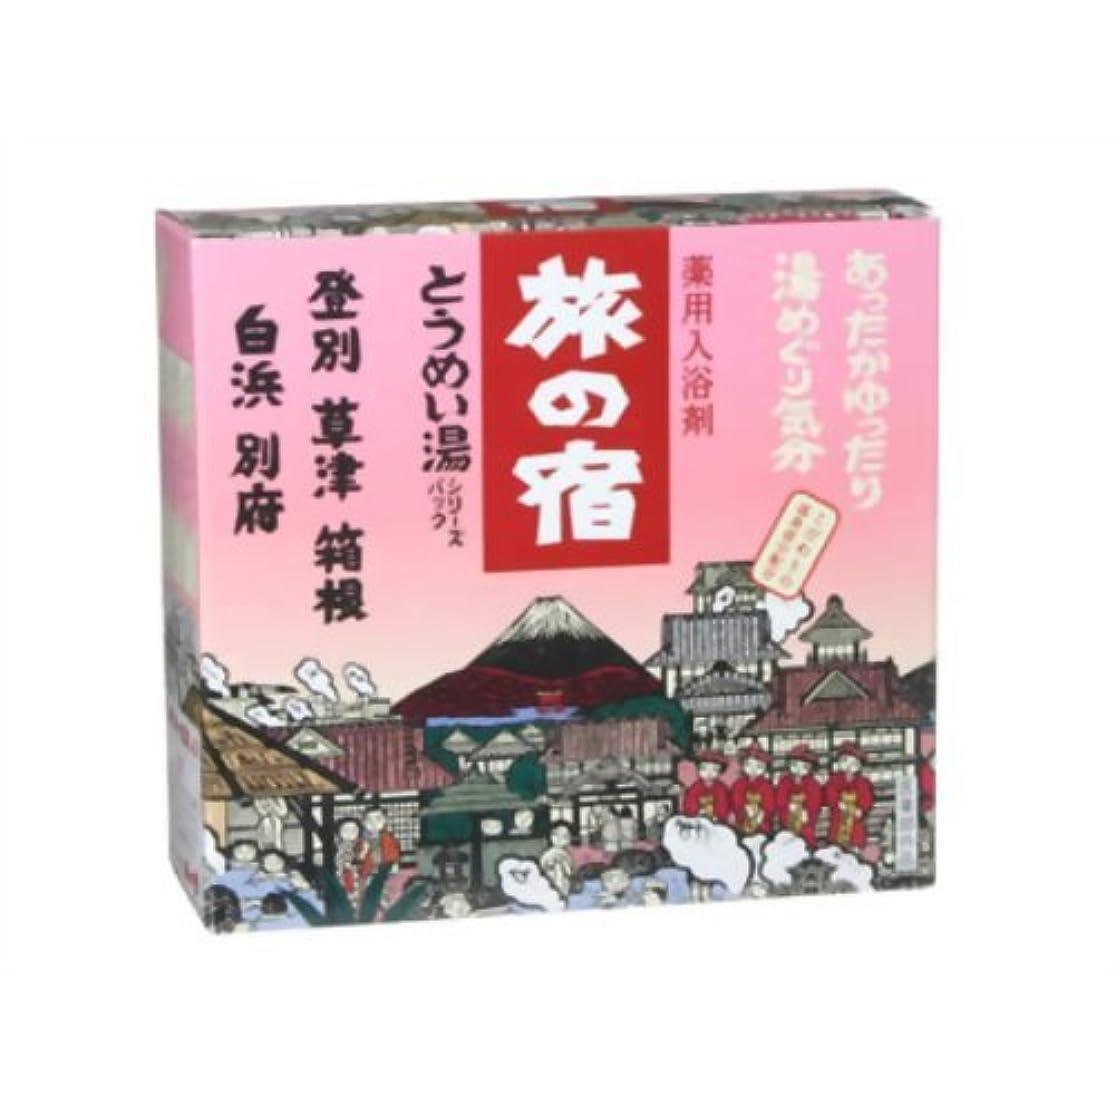 人気の調子献身旅の宿 とうめい湯シリーズパック 25g×15包入